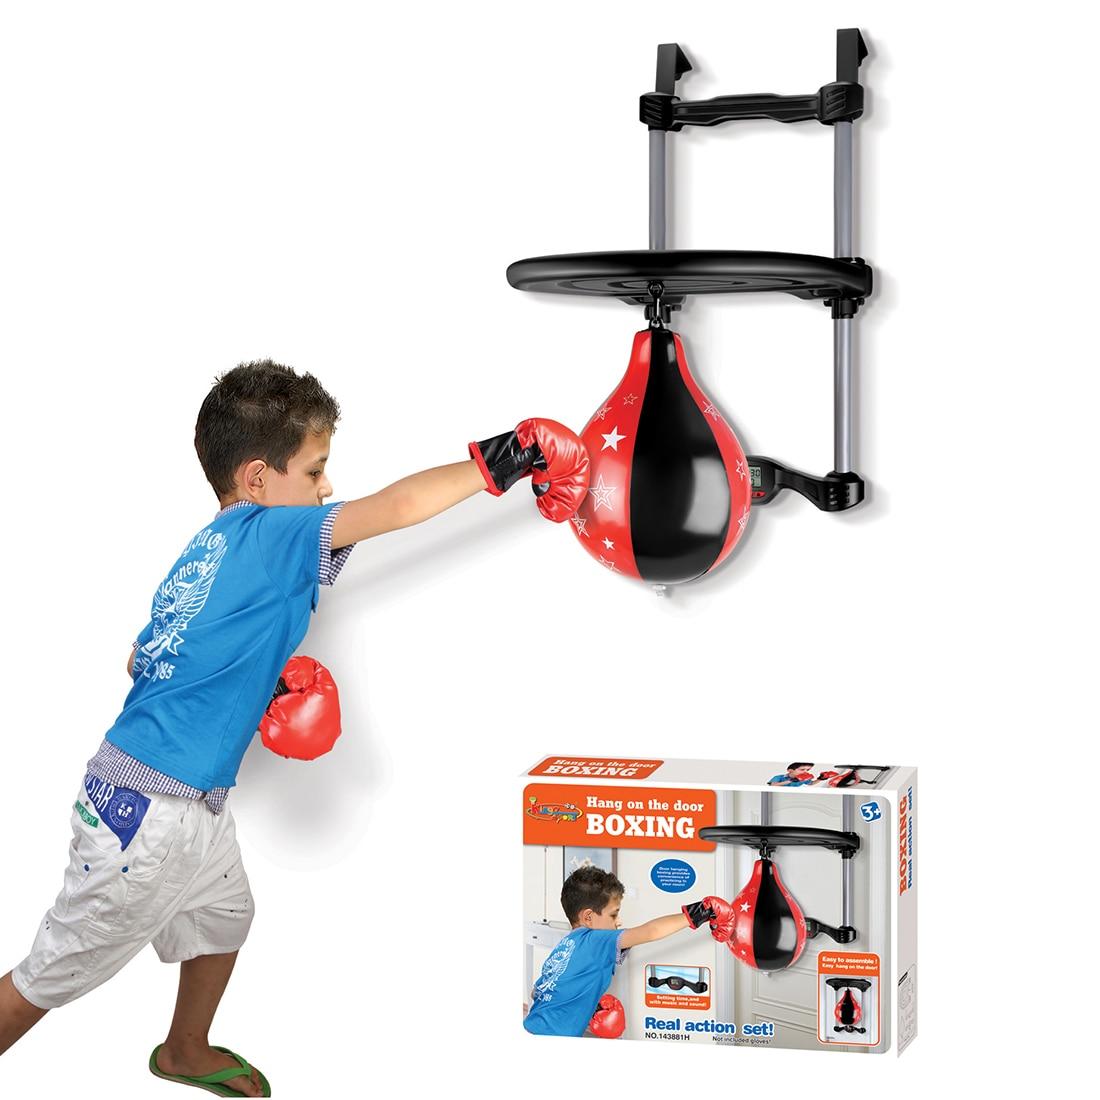 Nouveaux jeux jouets pendentif Type enfants en plein air balle de boxe jouets pour le corps du sport améliorer l'exercice pour les enfants de plus de 8 ans chaud